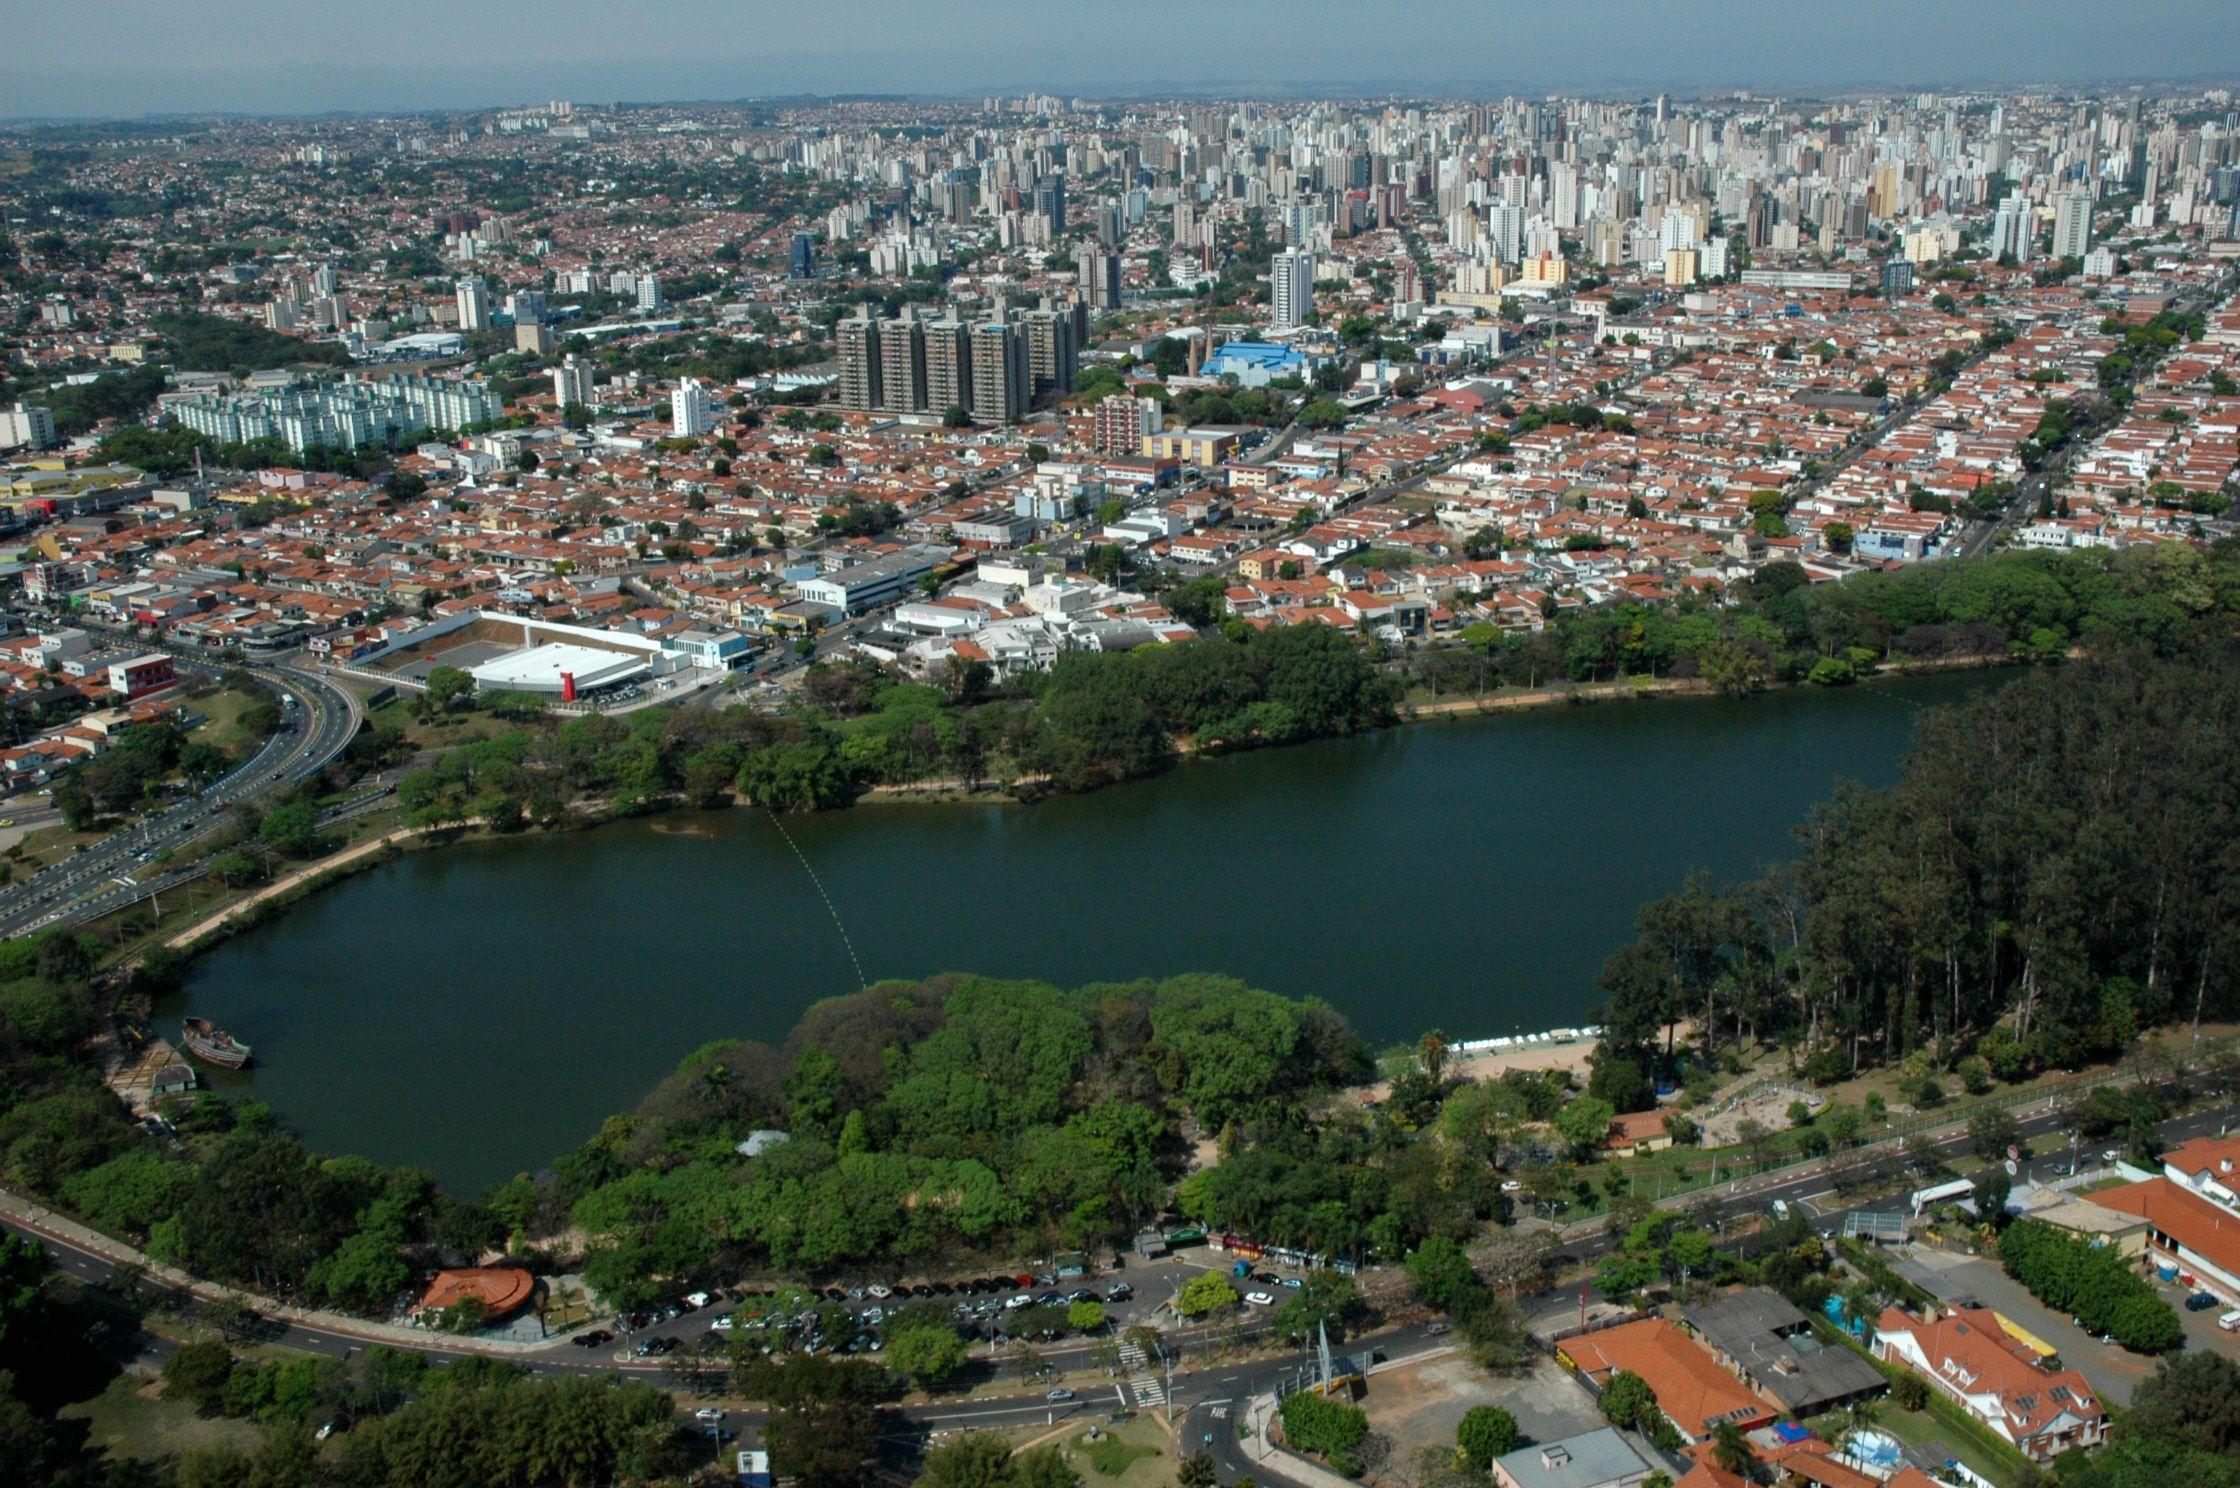 Taquaral São Paulo fonte: i.pinimg.com